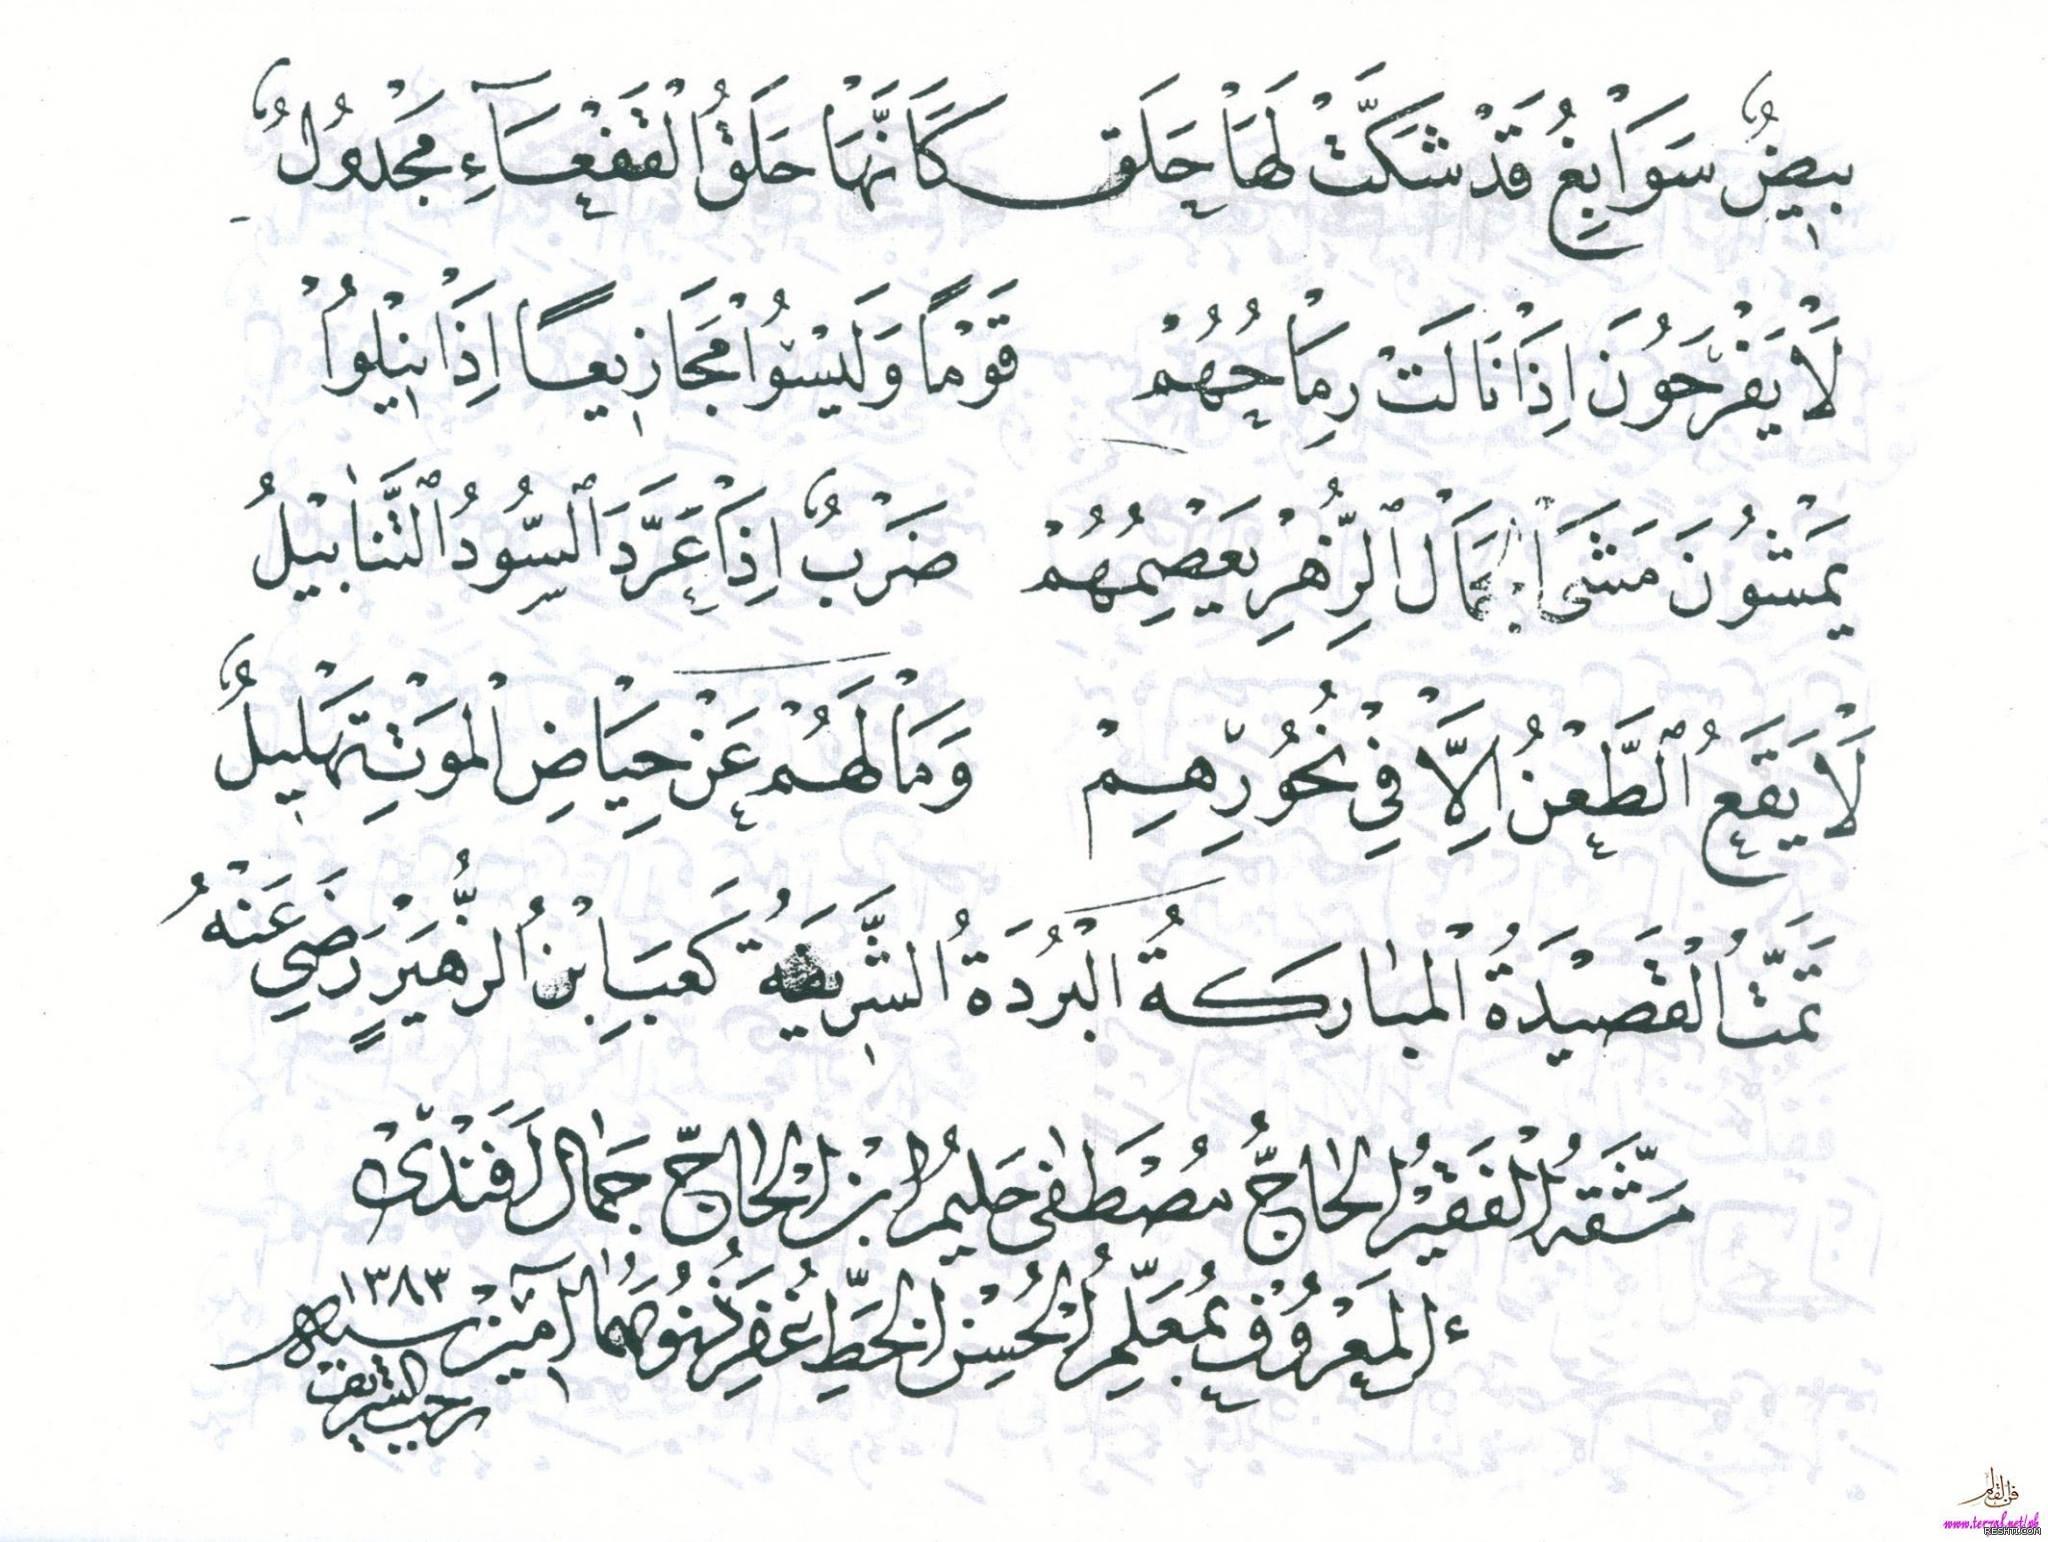 قصيدة بانت سعاد لكعب بن زهير رضي الله عنه بخط مصطفى حليم 3